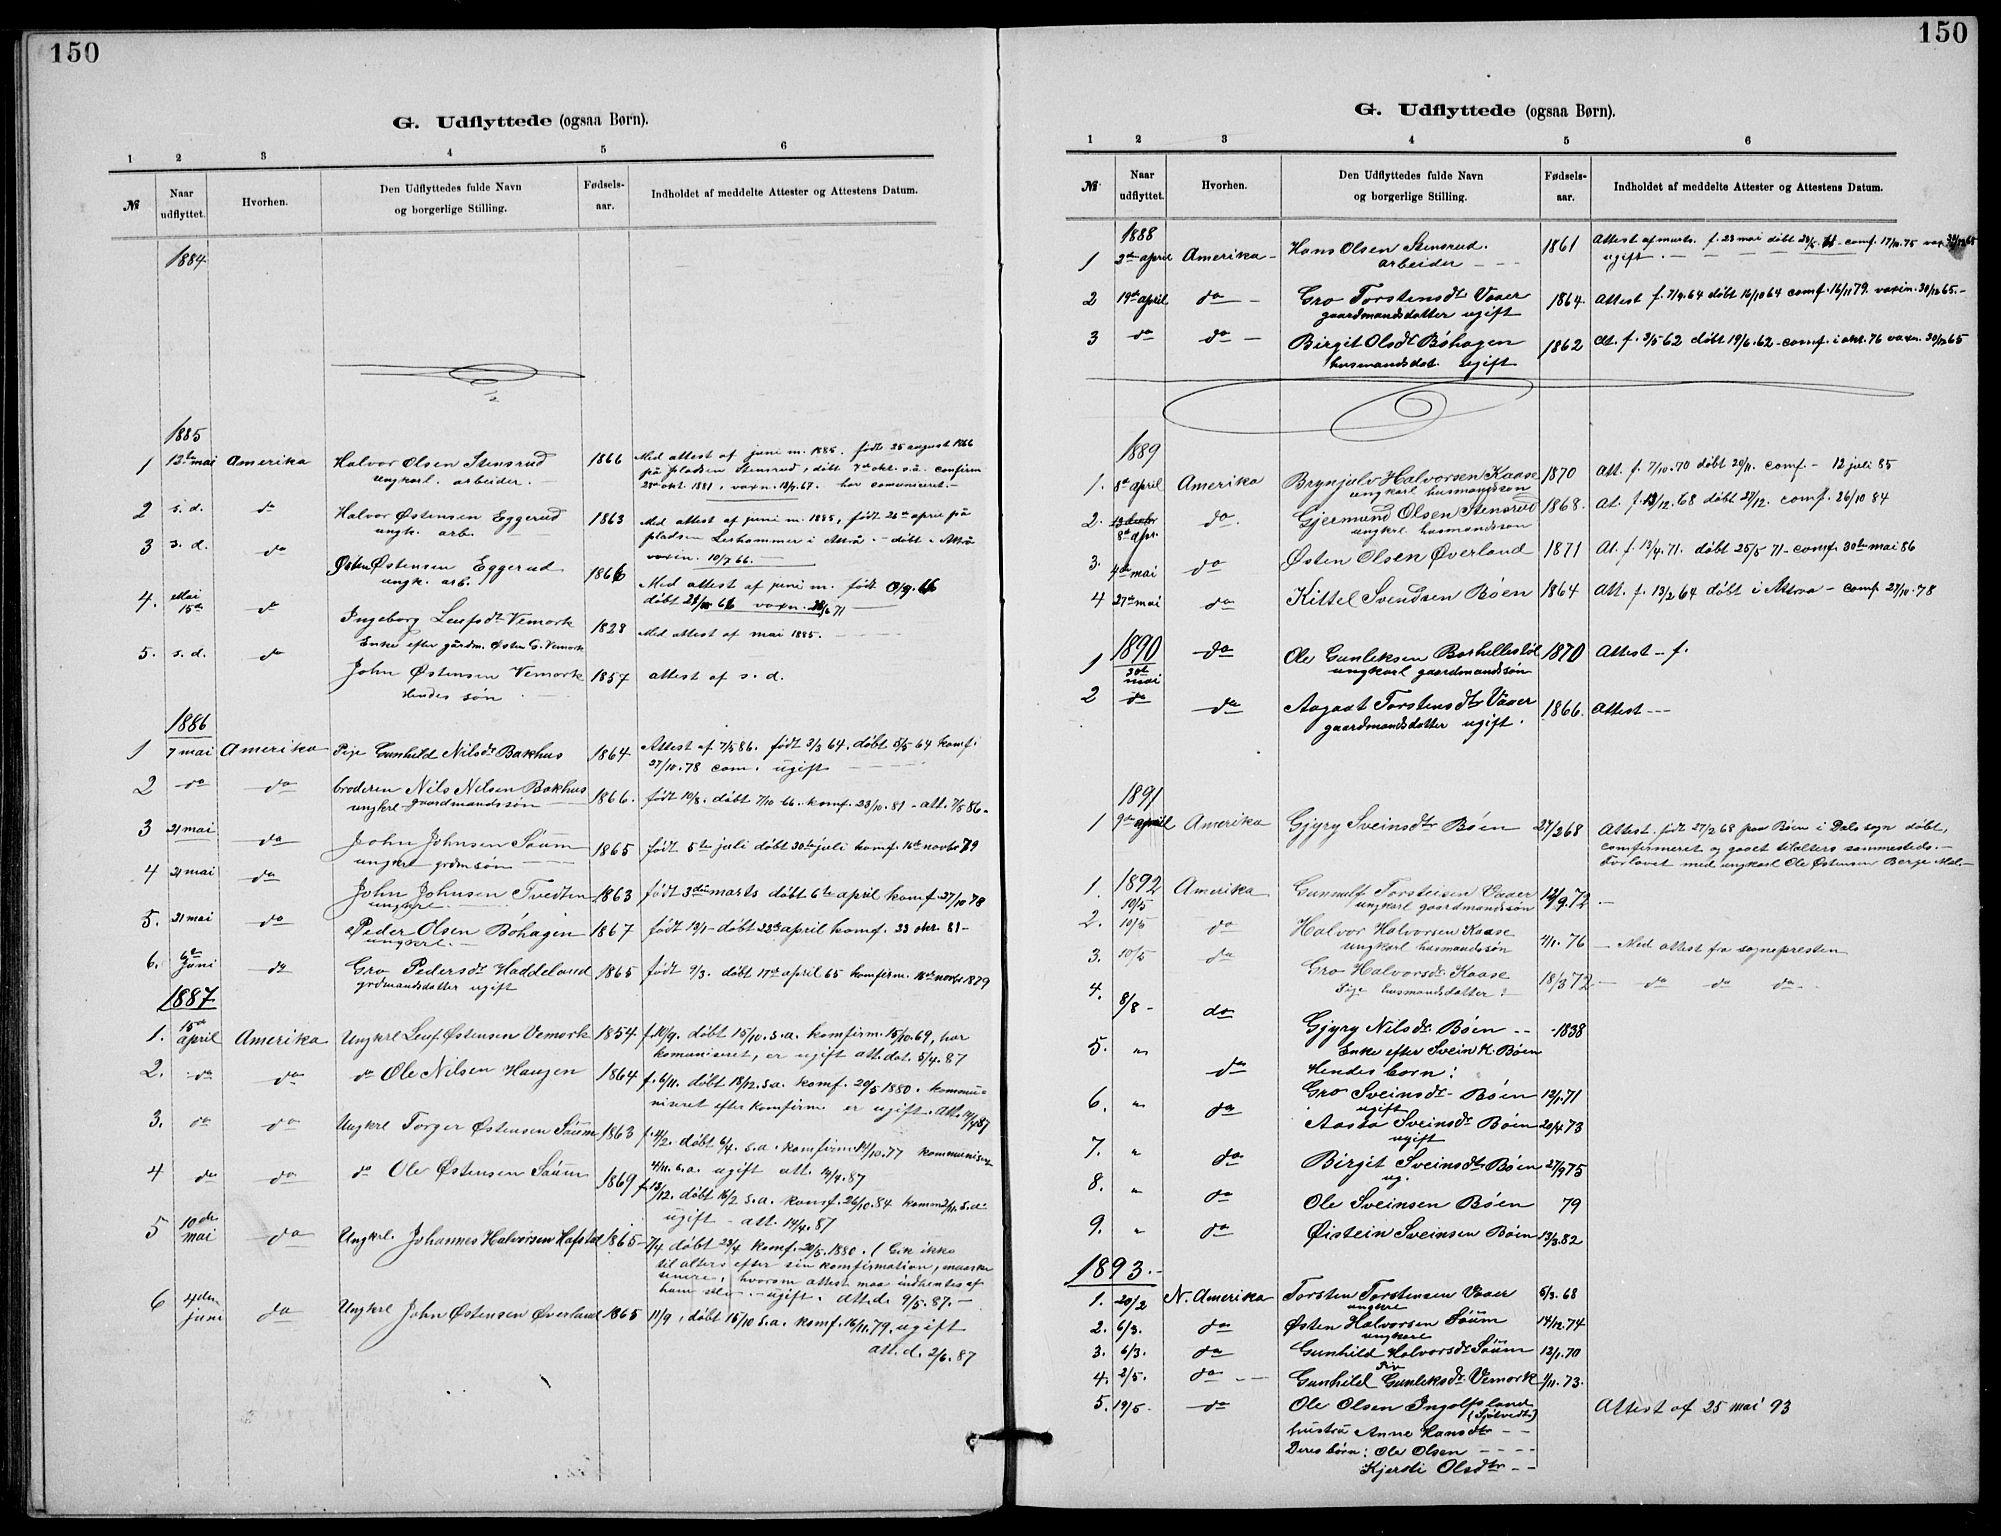 SAKO, Rjukan kirkebøker, G/Ga/L0001: Klokkerbok nr. 1, 1880-1914, s. 150